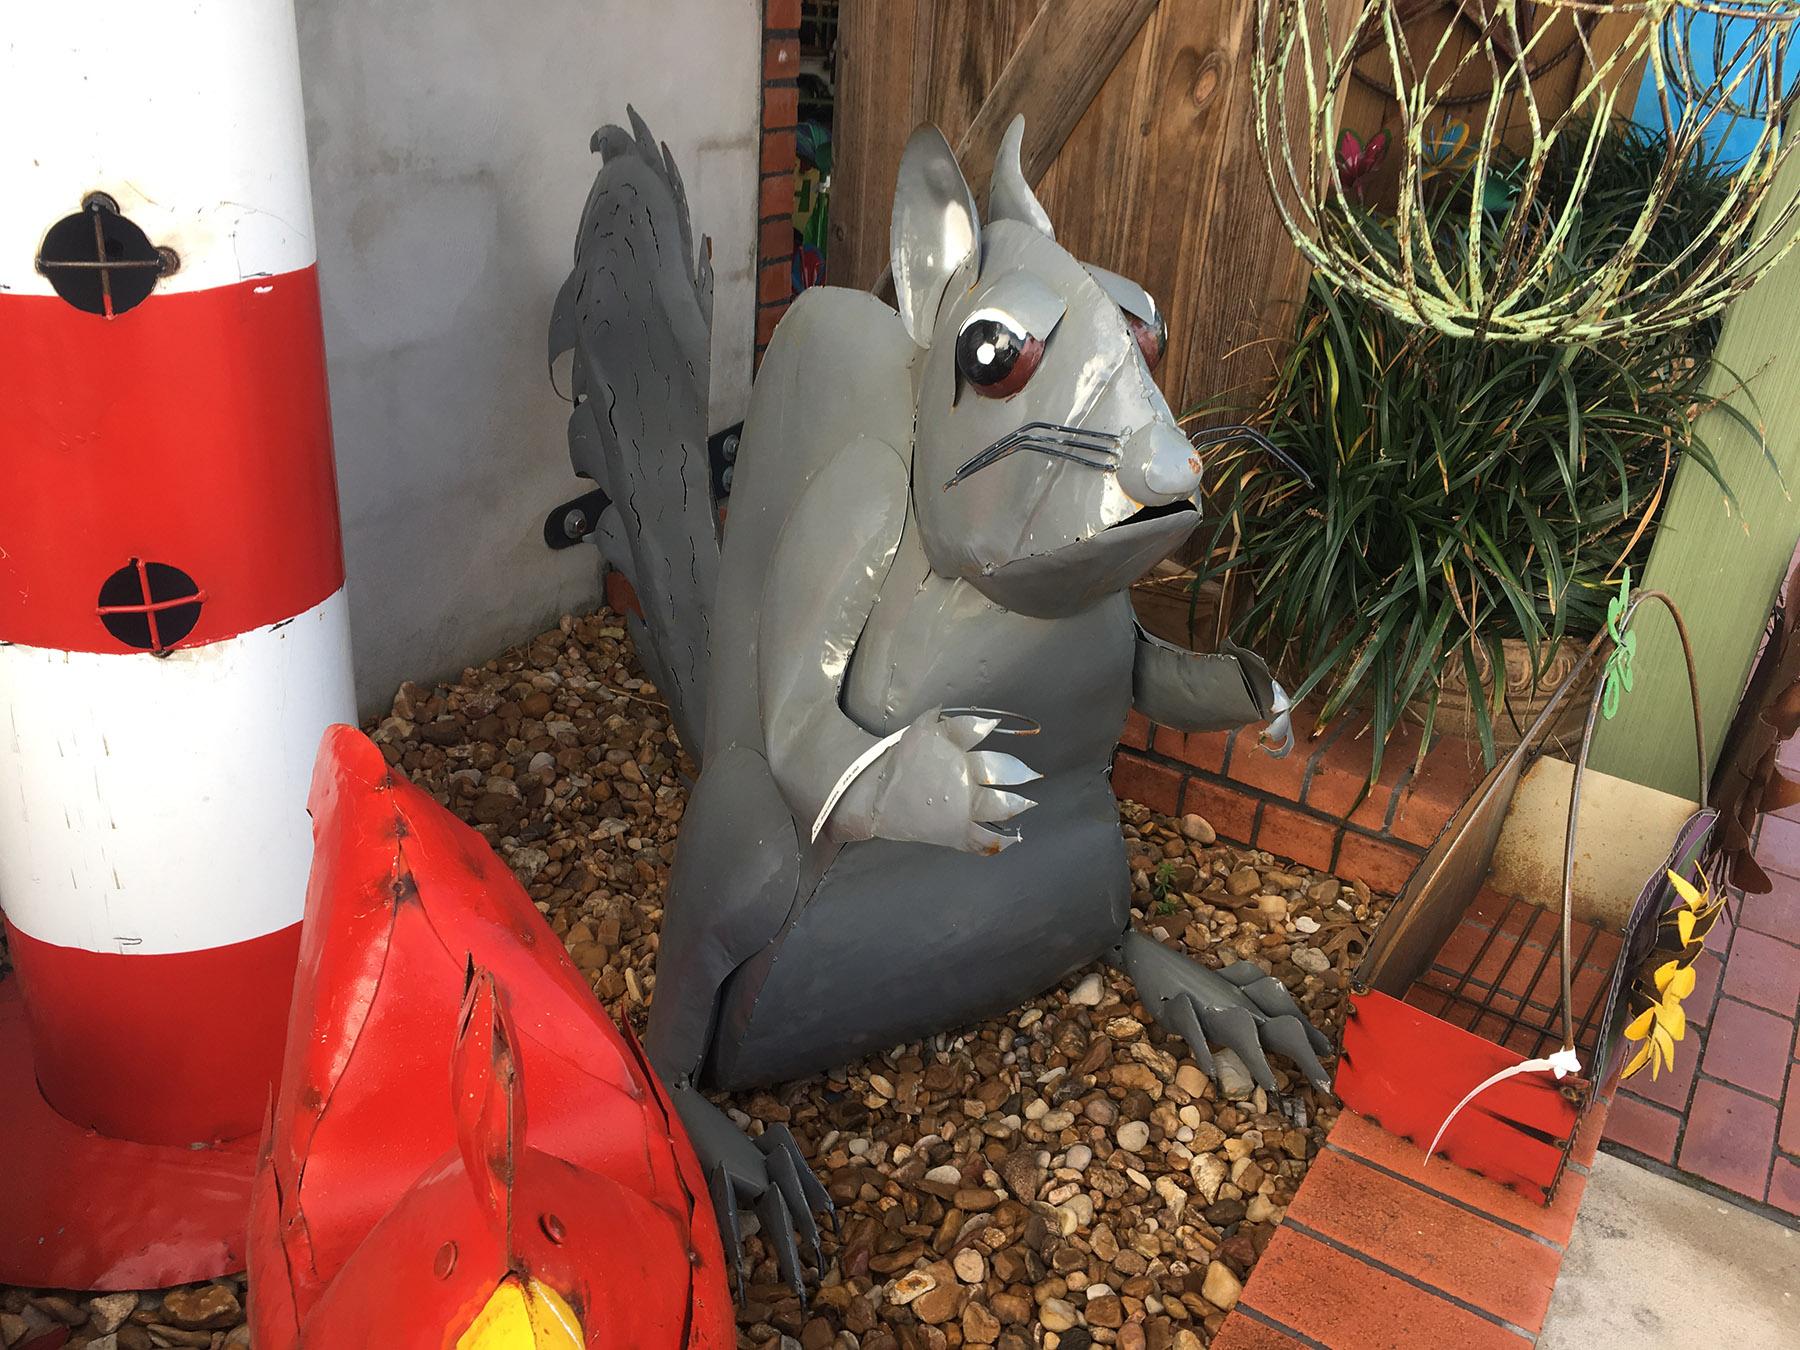 Welded metal squirrel